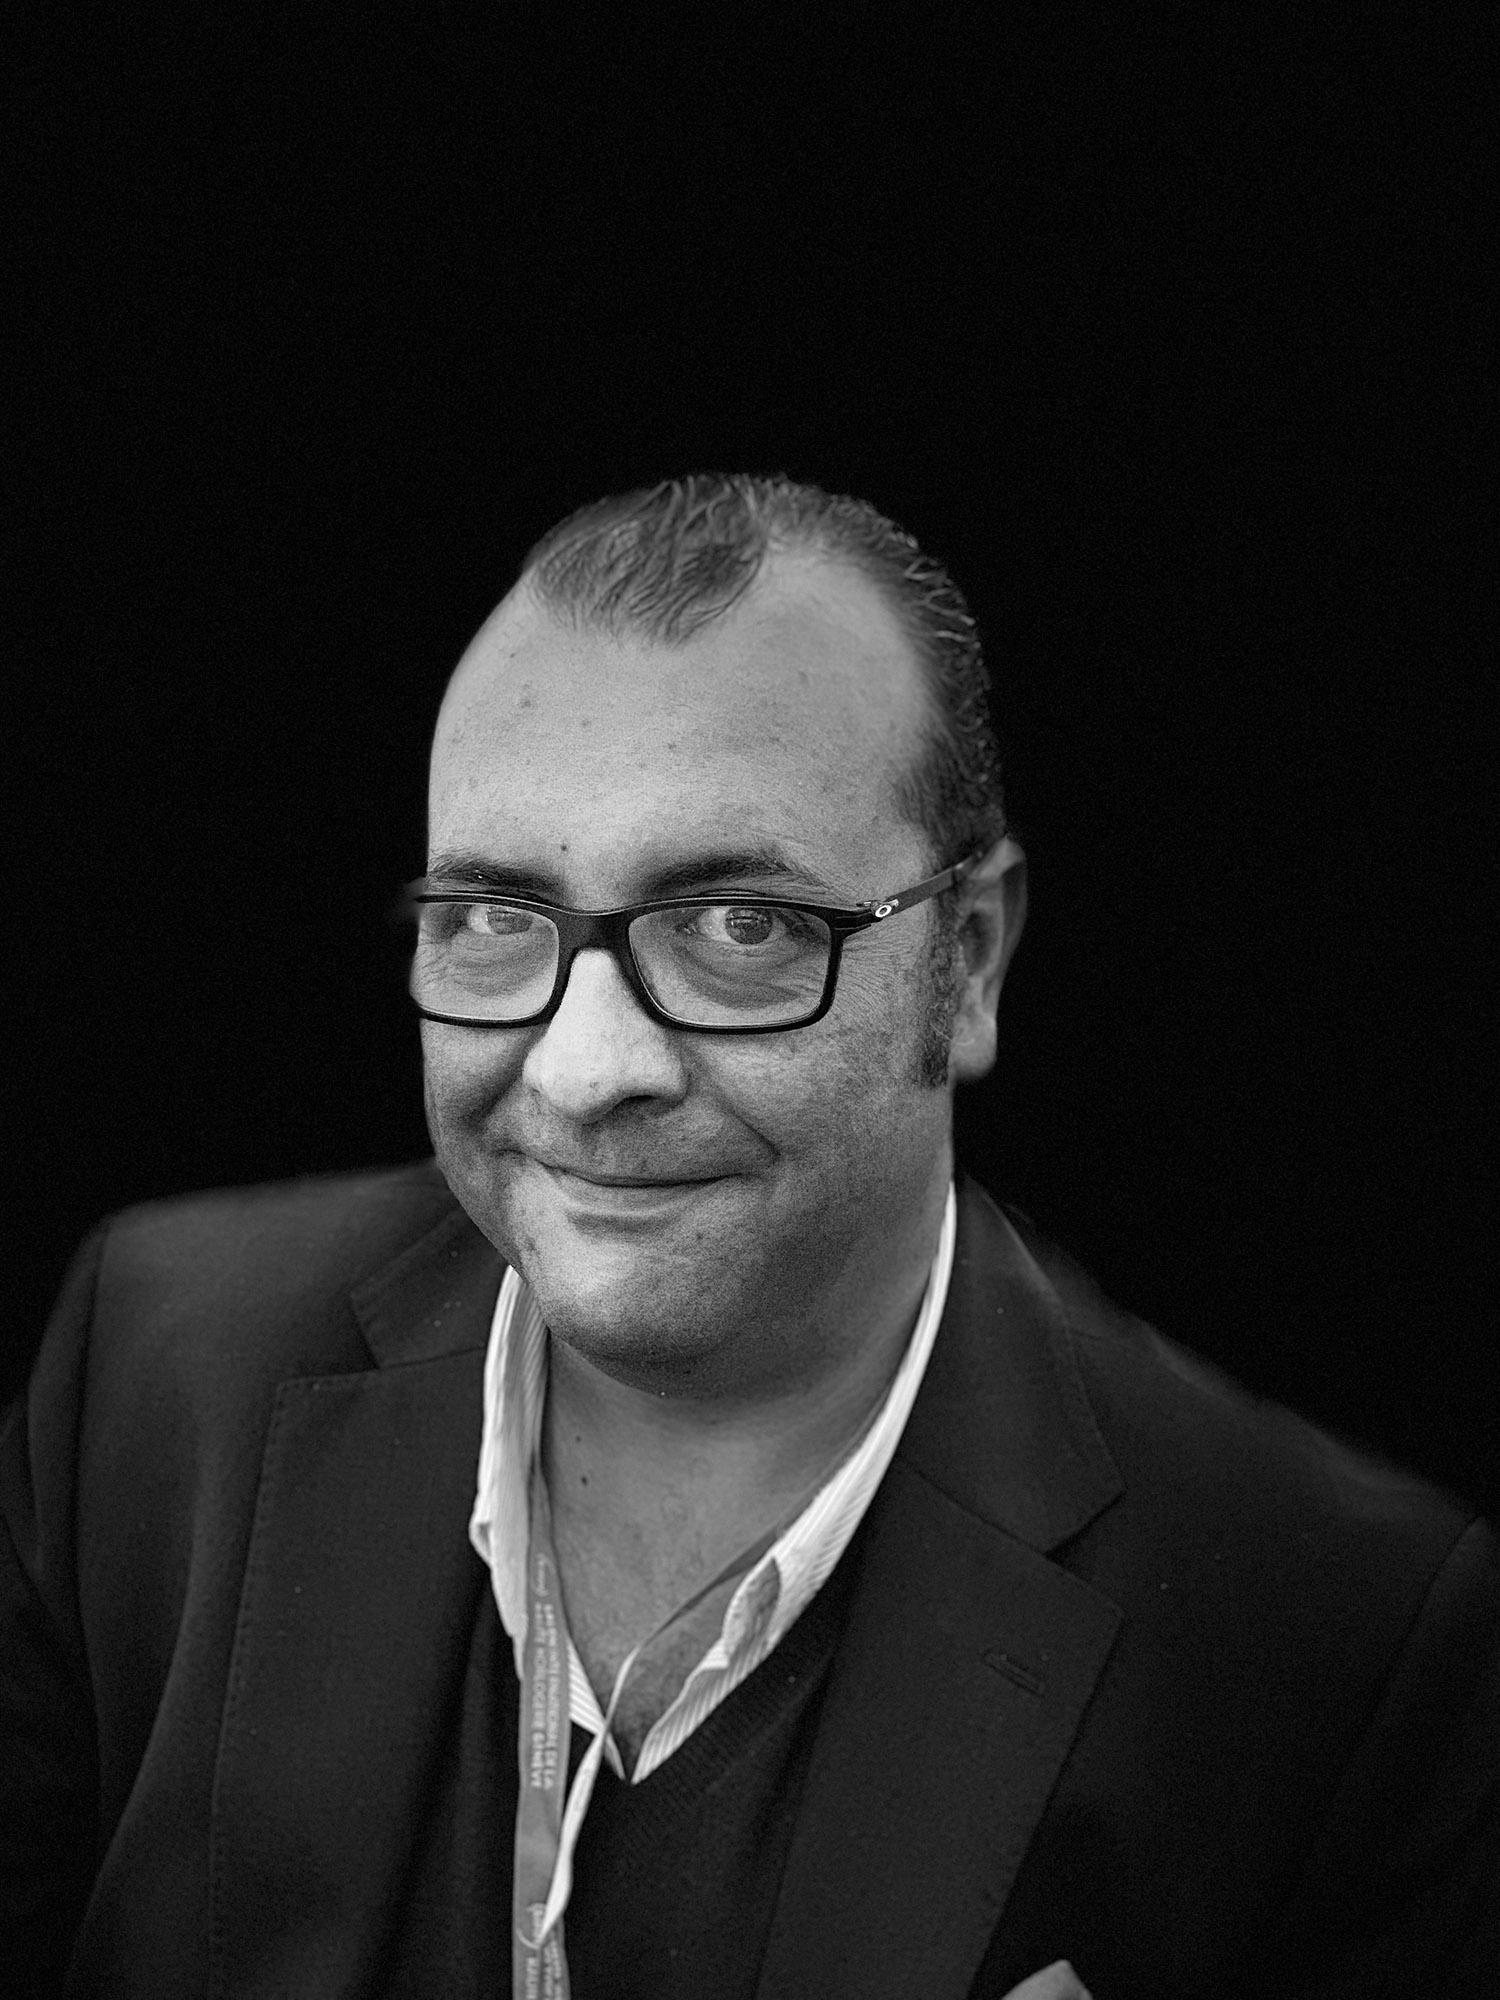 Ramón Biosca   Alma mater, Director y presentador del programa de radioVuelta Rápida GT  De los que más sabe en el sector del automóvil. Domina la Comunicación, RRPP, RRSS y organización de eventos.                                 Pocos están a su altura en el sector del lujo y estilo de vida…